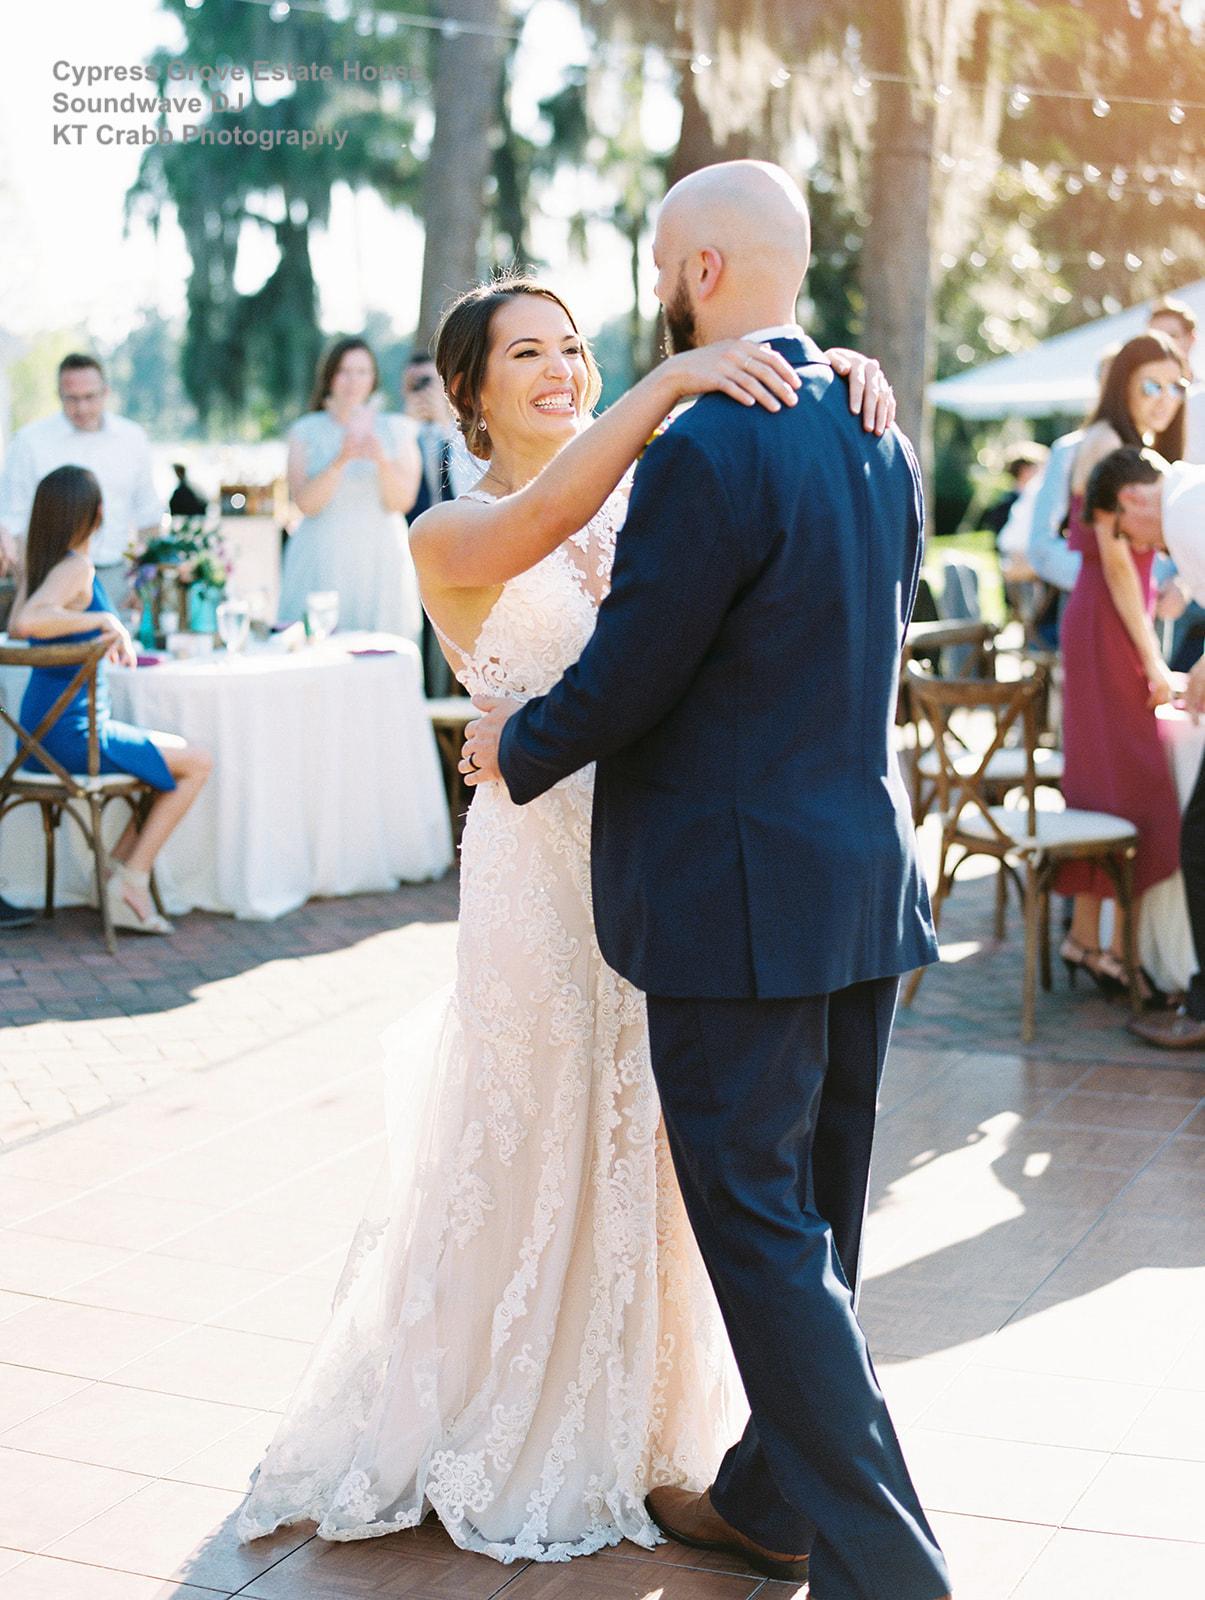 Cypress Grove First Dance